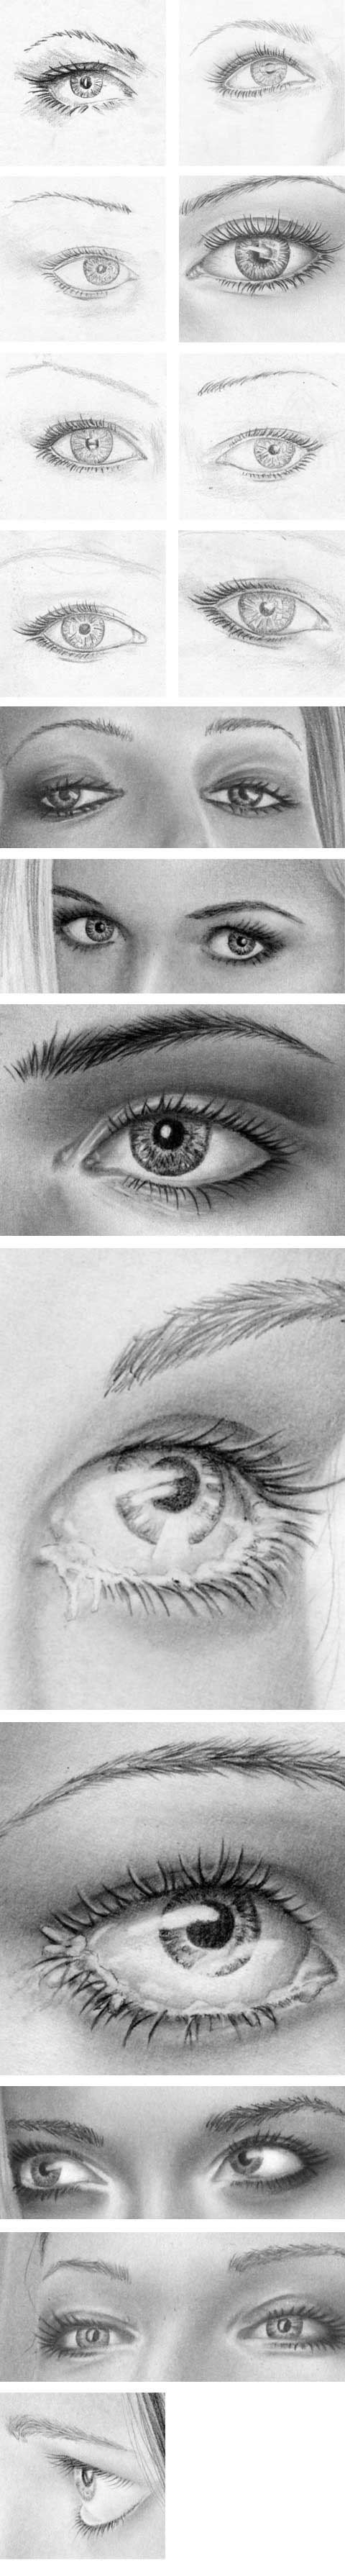 Strahlende Augen, Pupille, Iris zeichnen lernen - Zeichenkurs